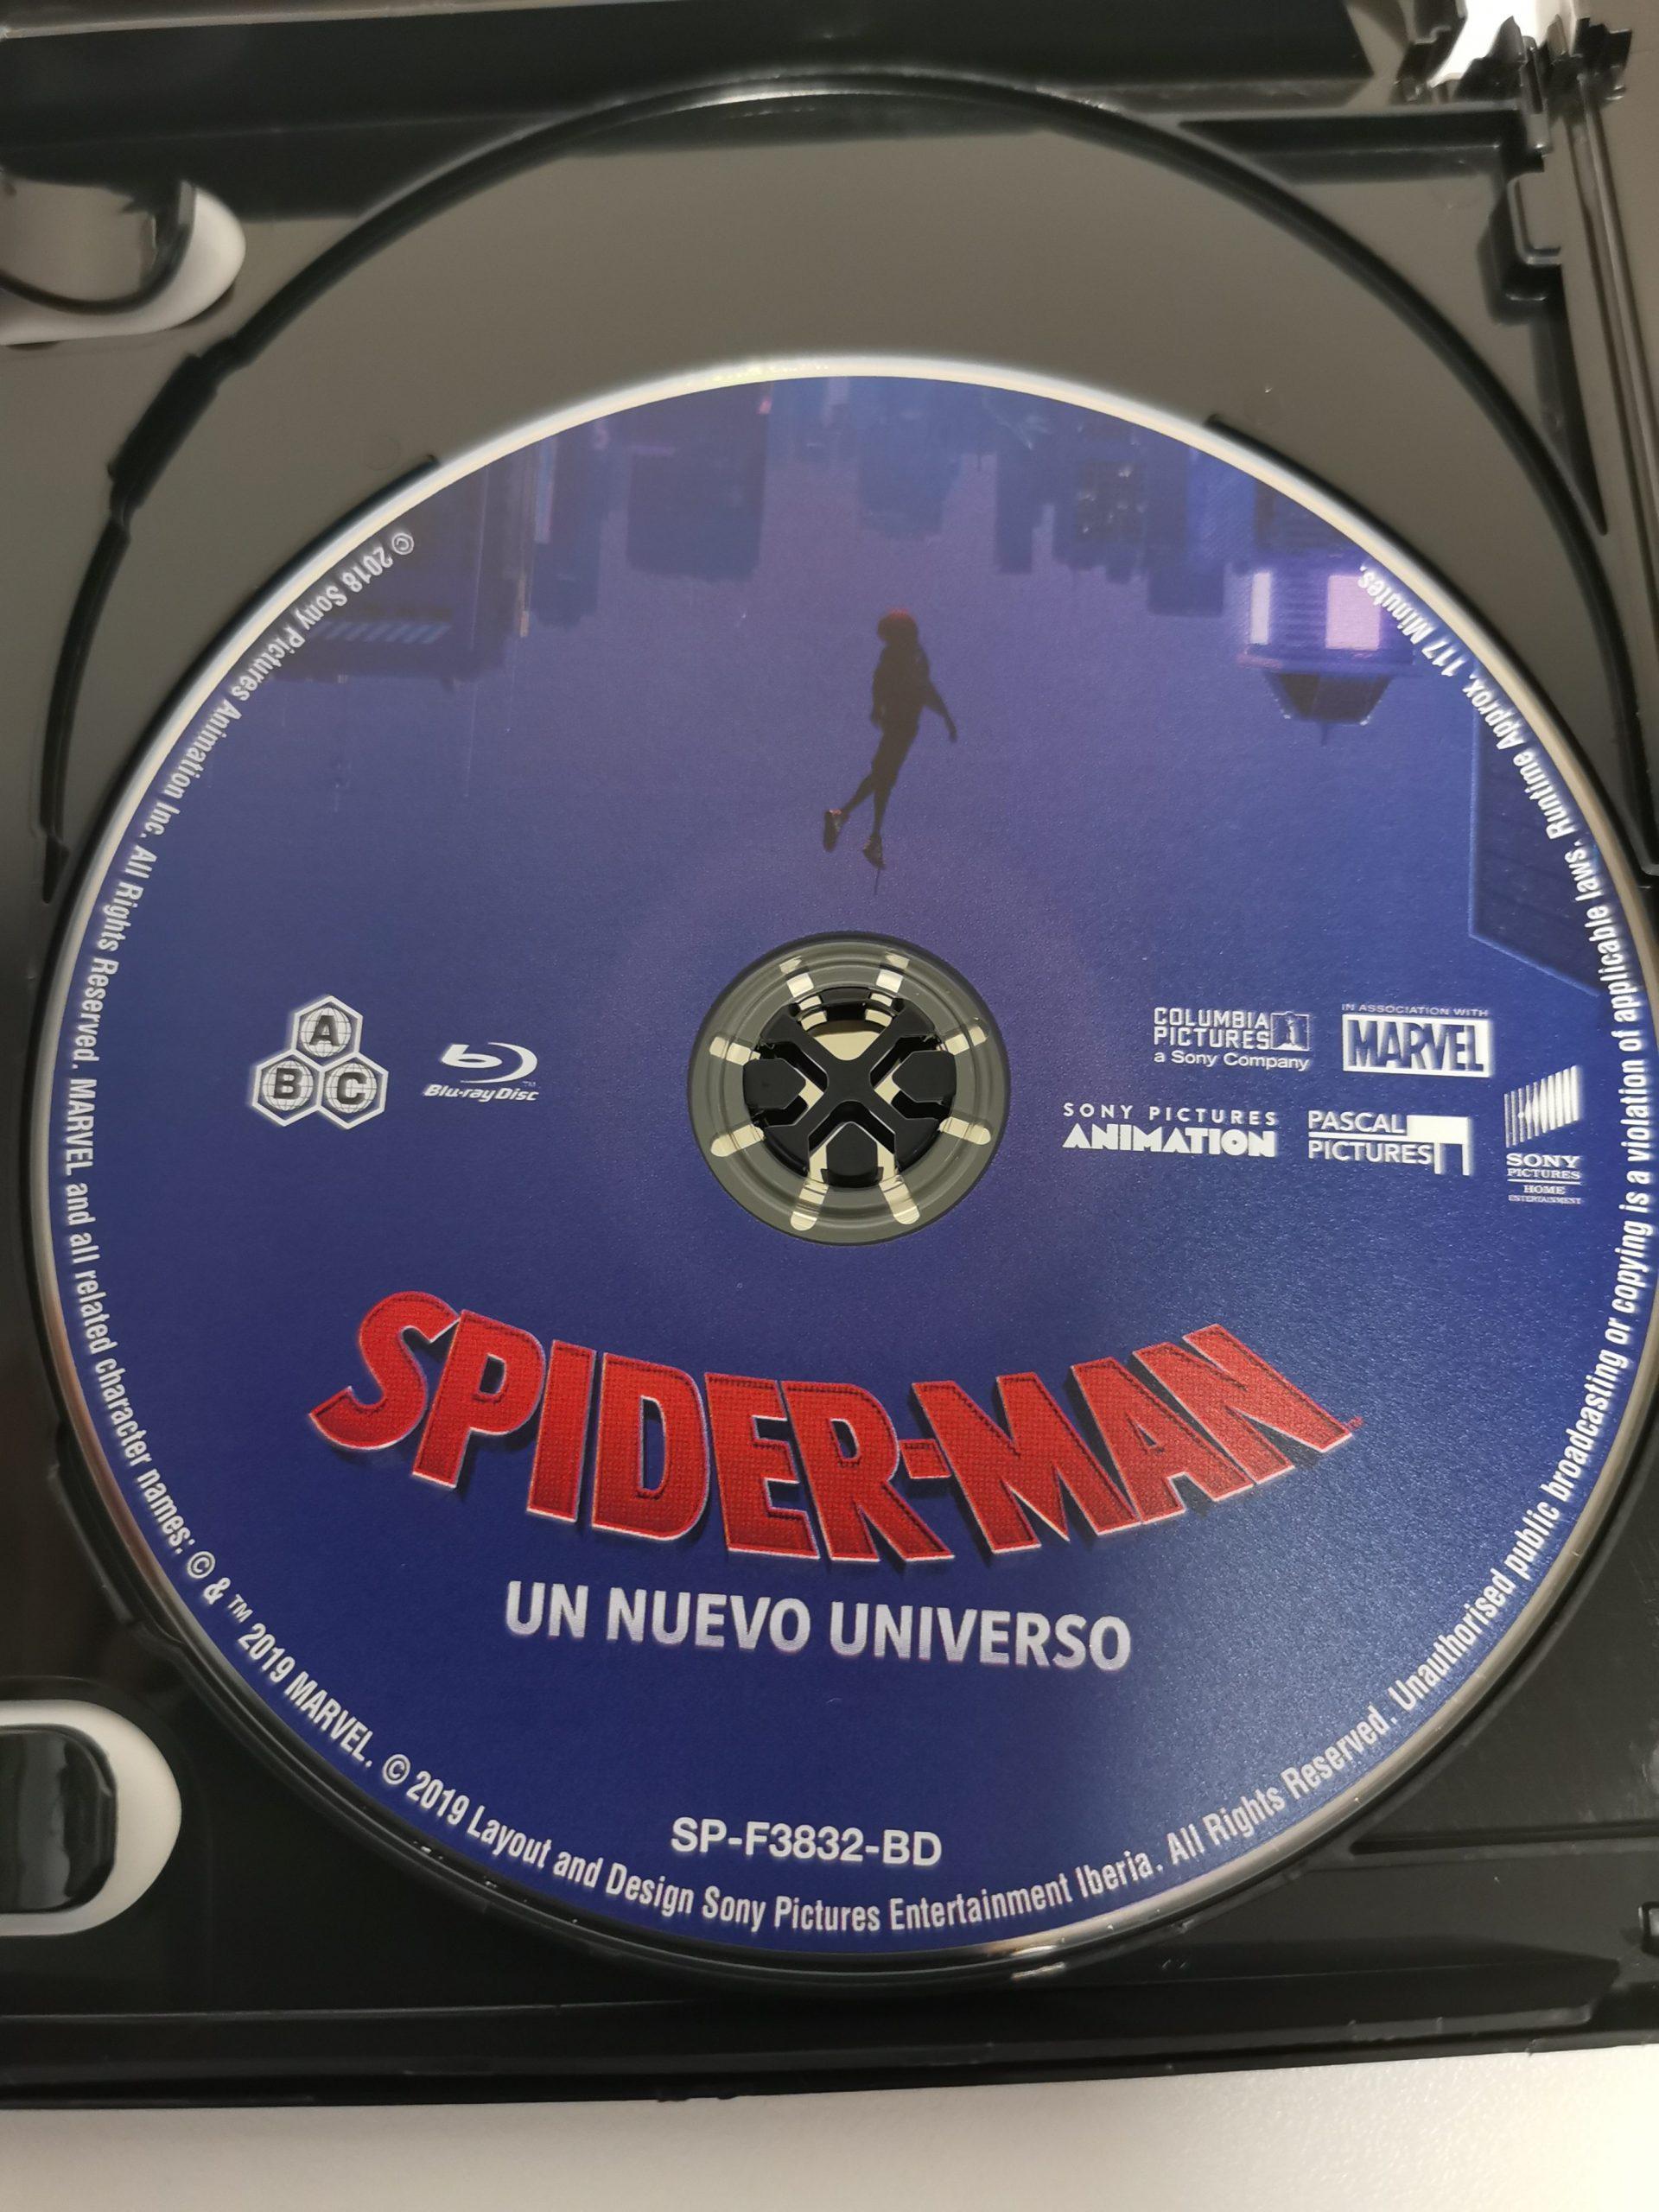 Spider-Man Un nuevo universo Blu-ray